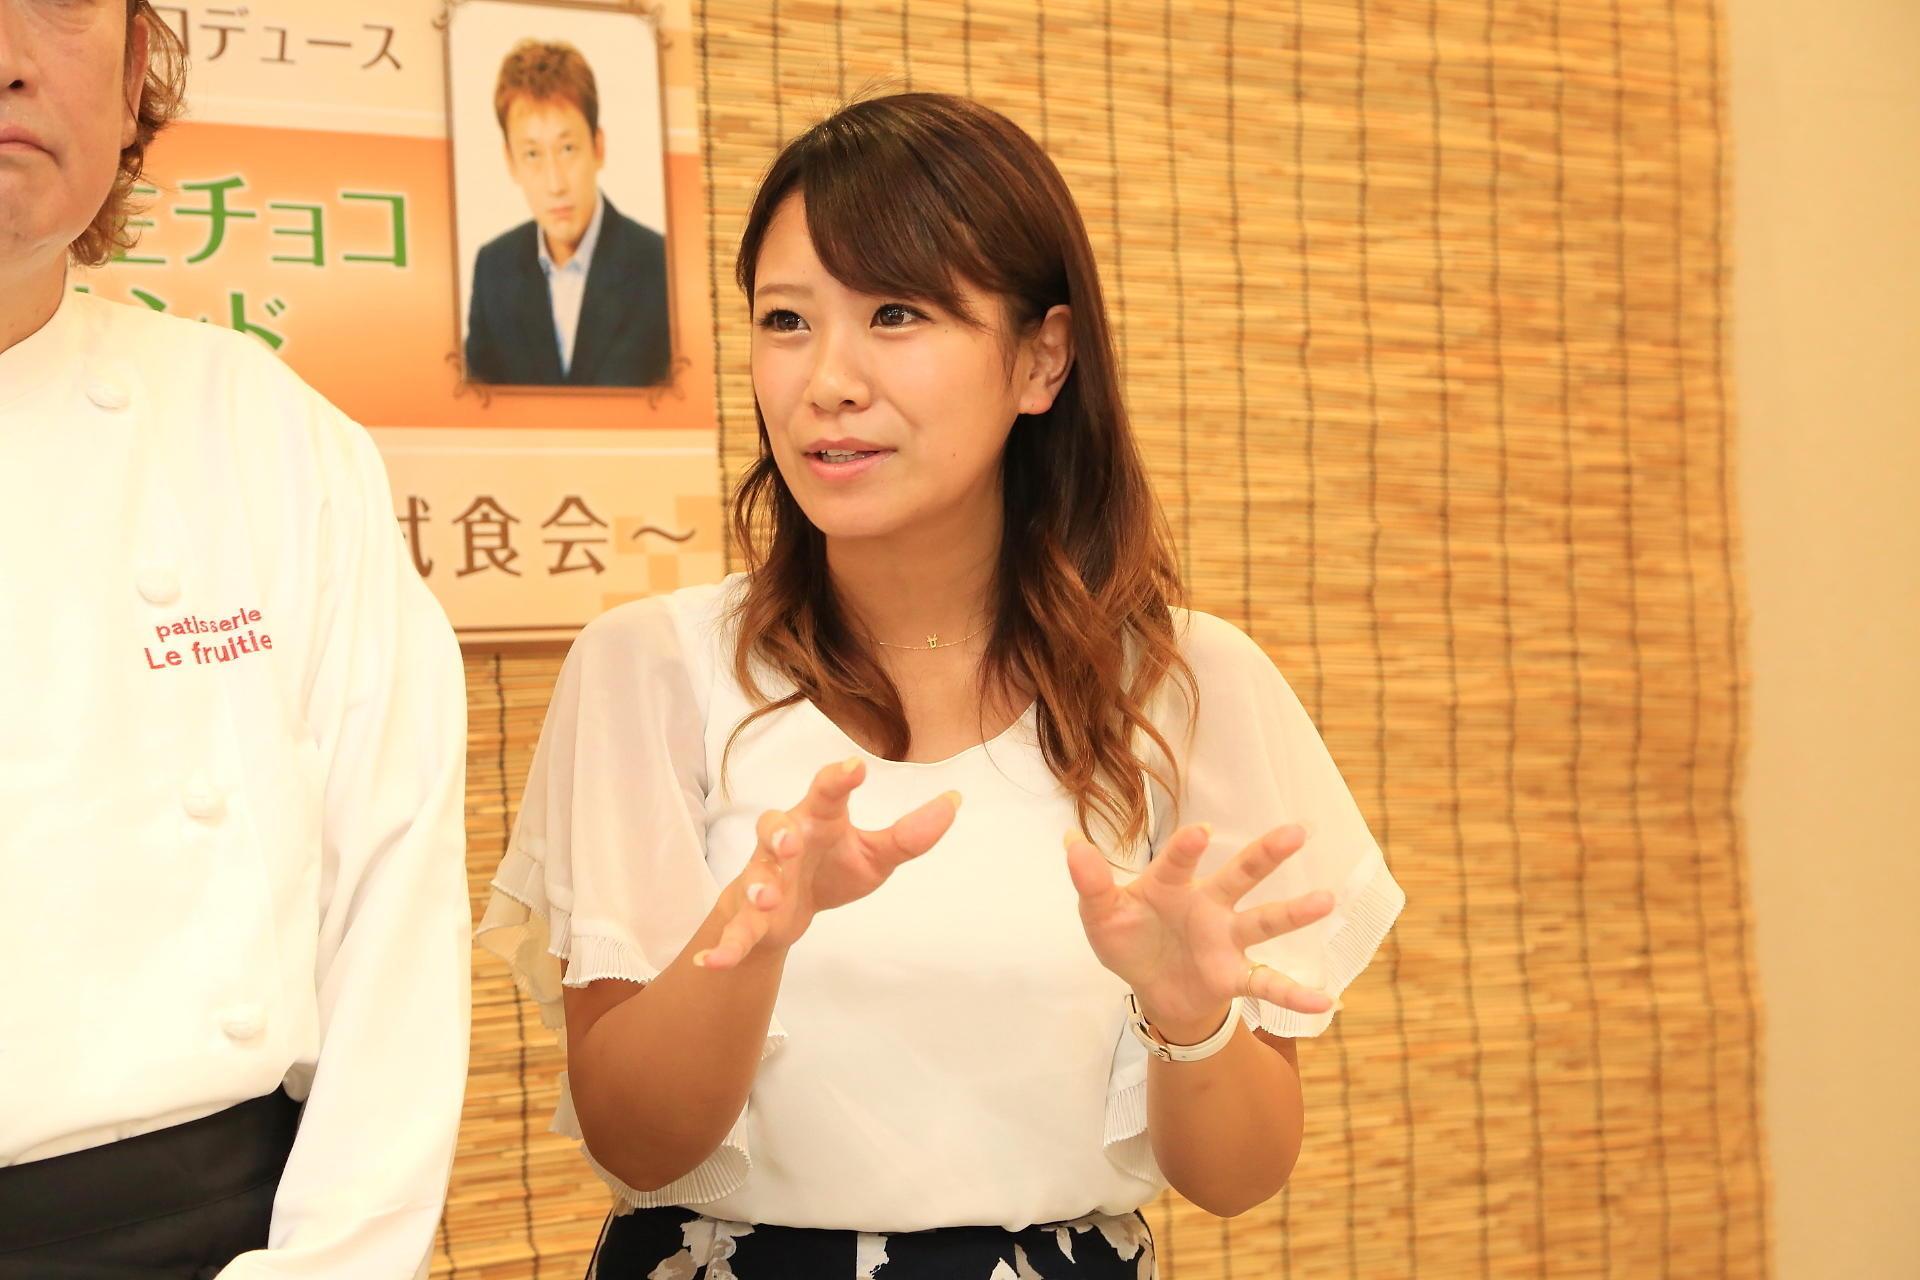 http://news.yoshimoto.co.jp/20170815163141-b3b38dfa0890a9ea548a060b5224be2e2c170d9d.jpg